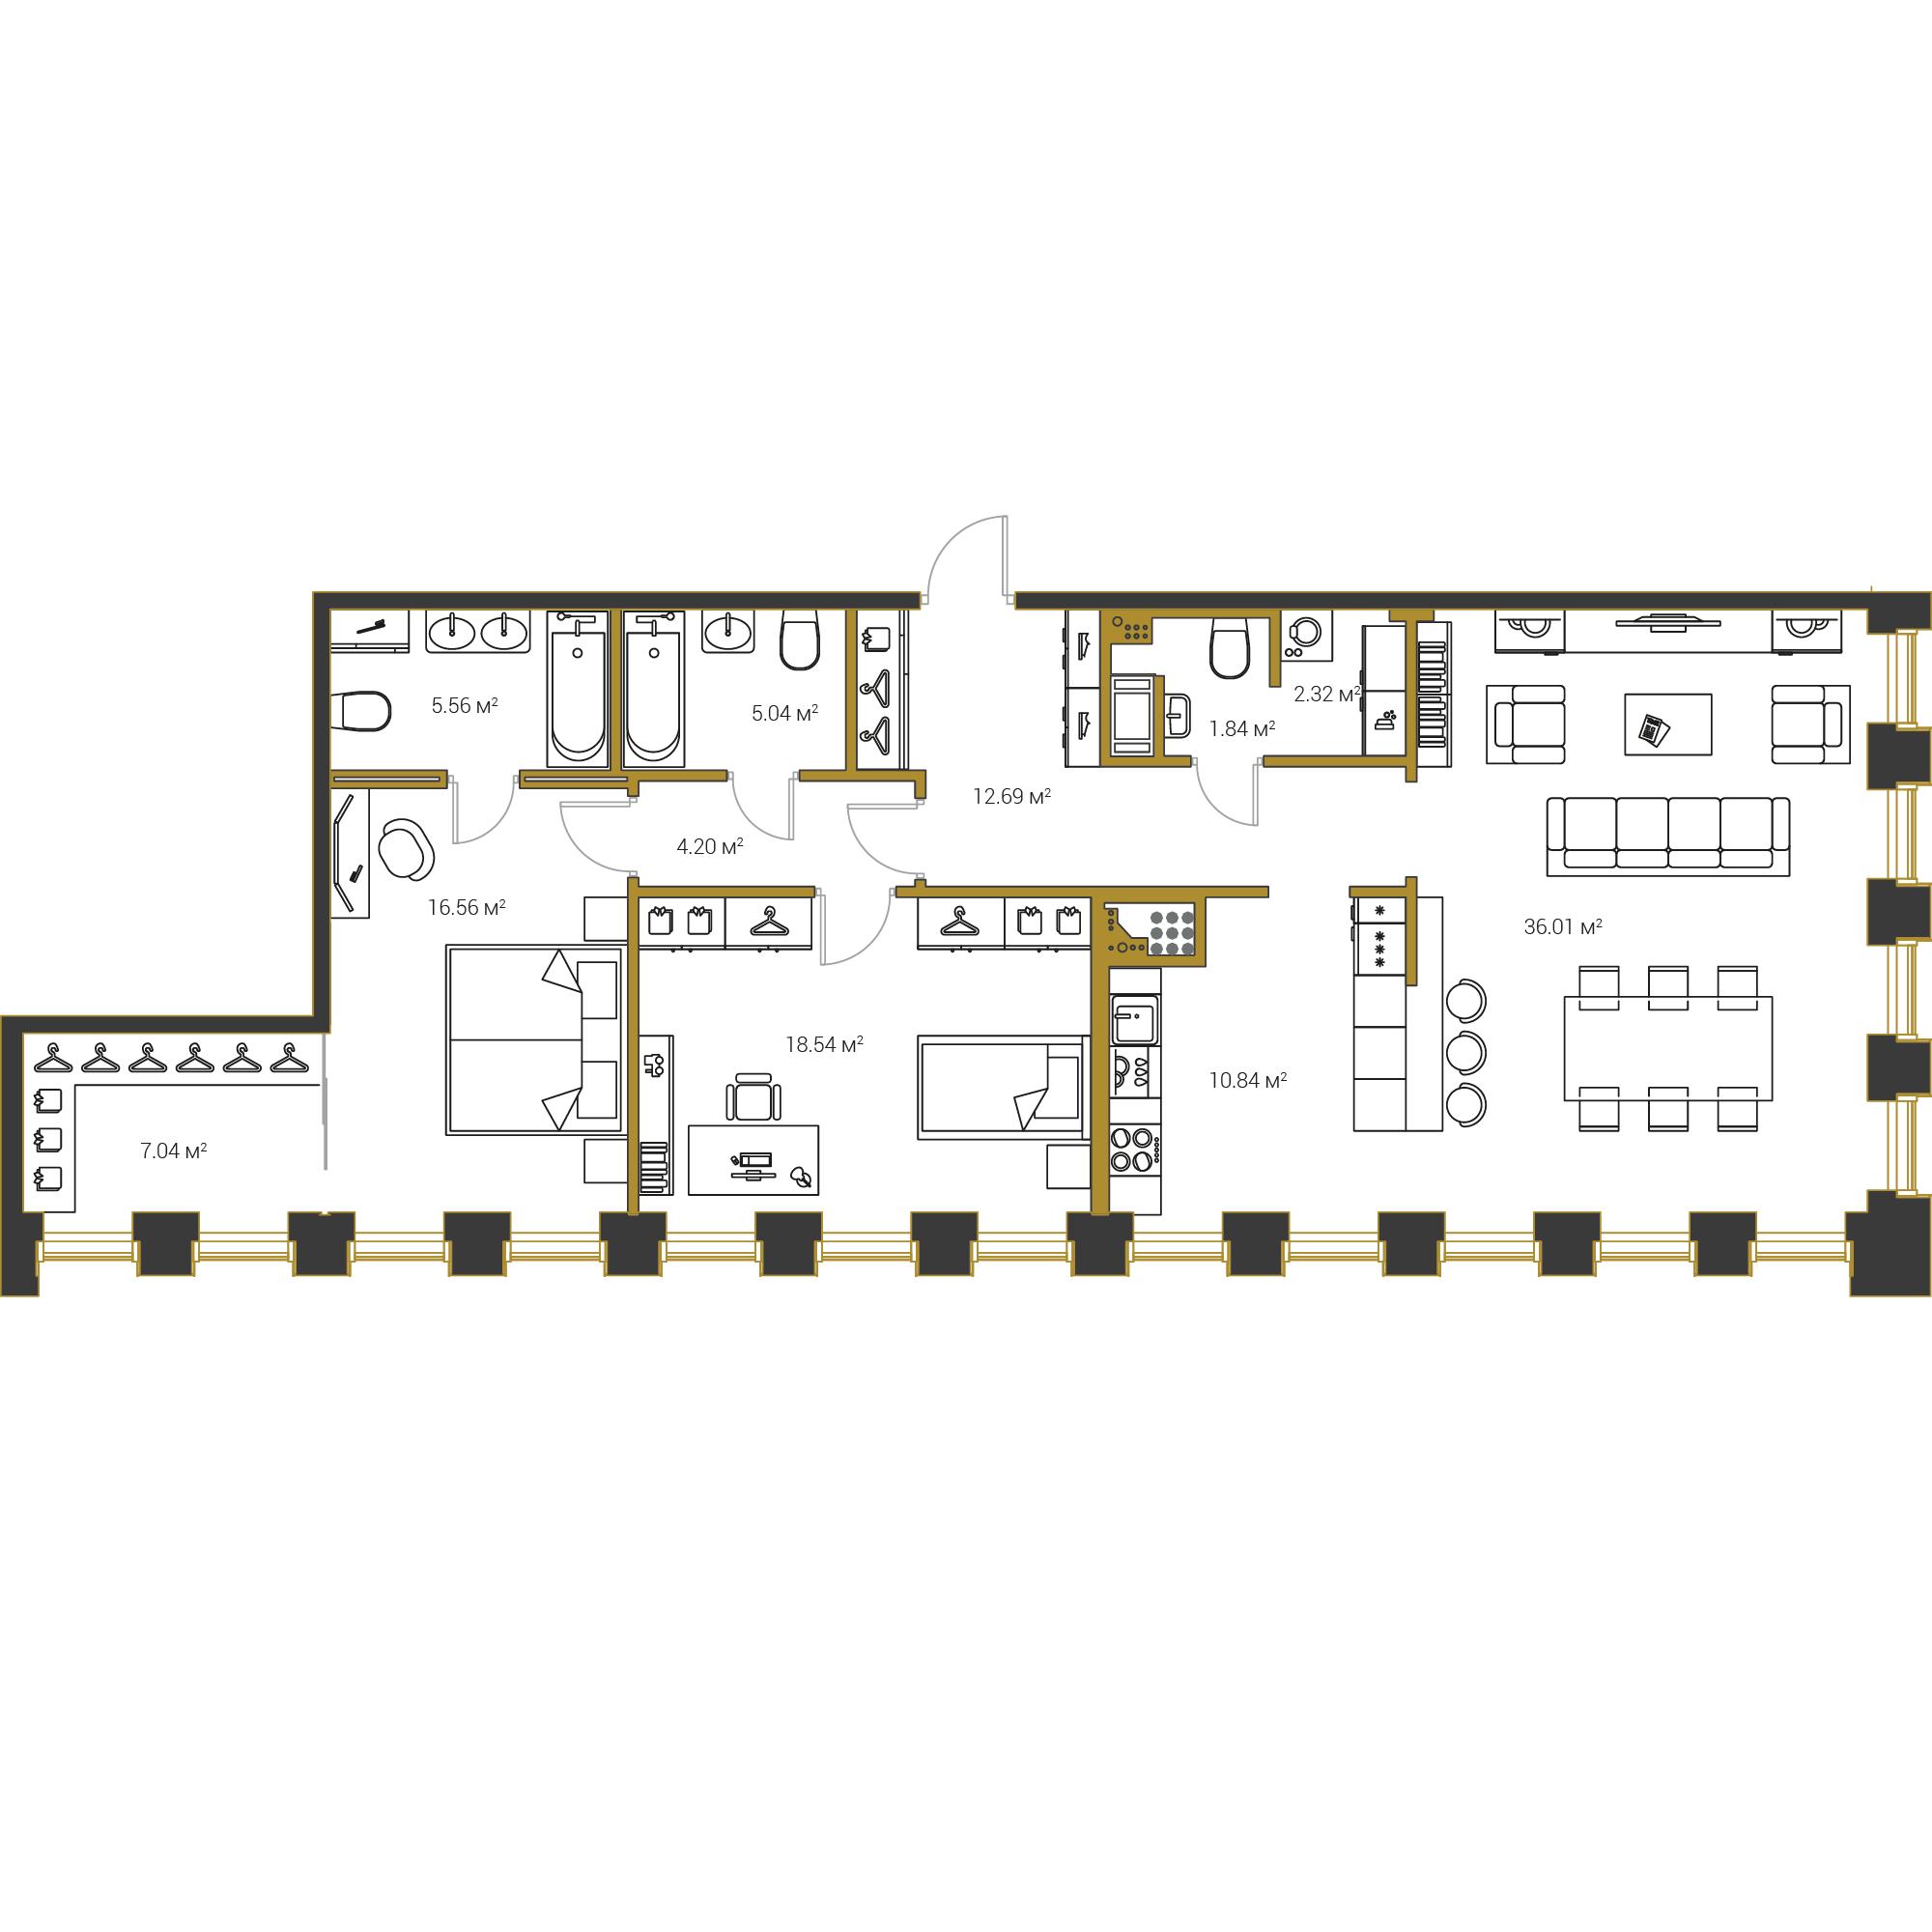 2-комнатная квартира №16 в: Институтский,16: 120.64 м²; этаж: 6 - купить в Санкт-Петербурге